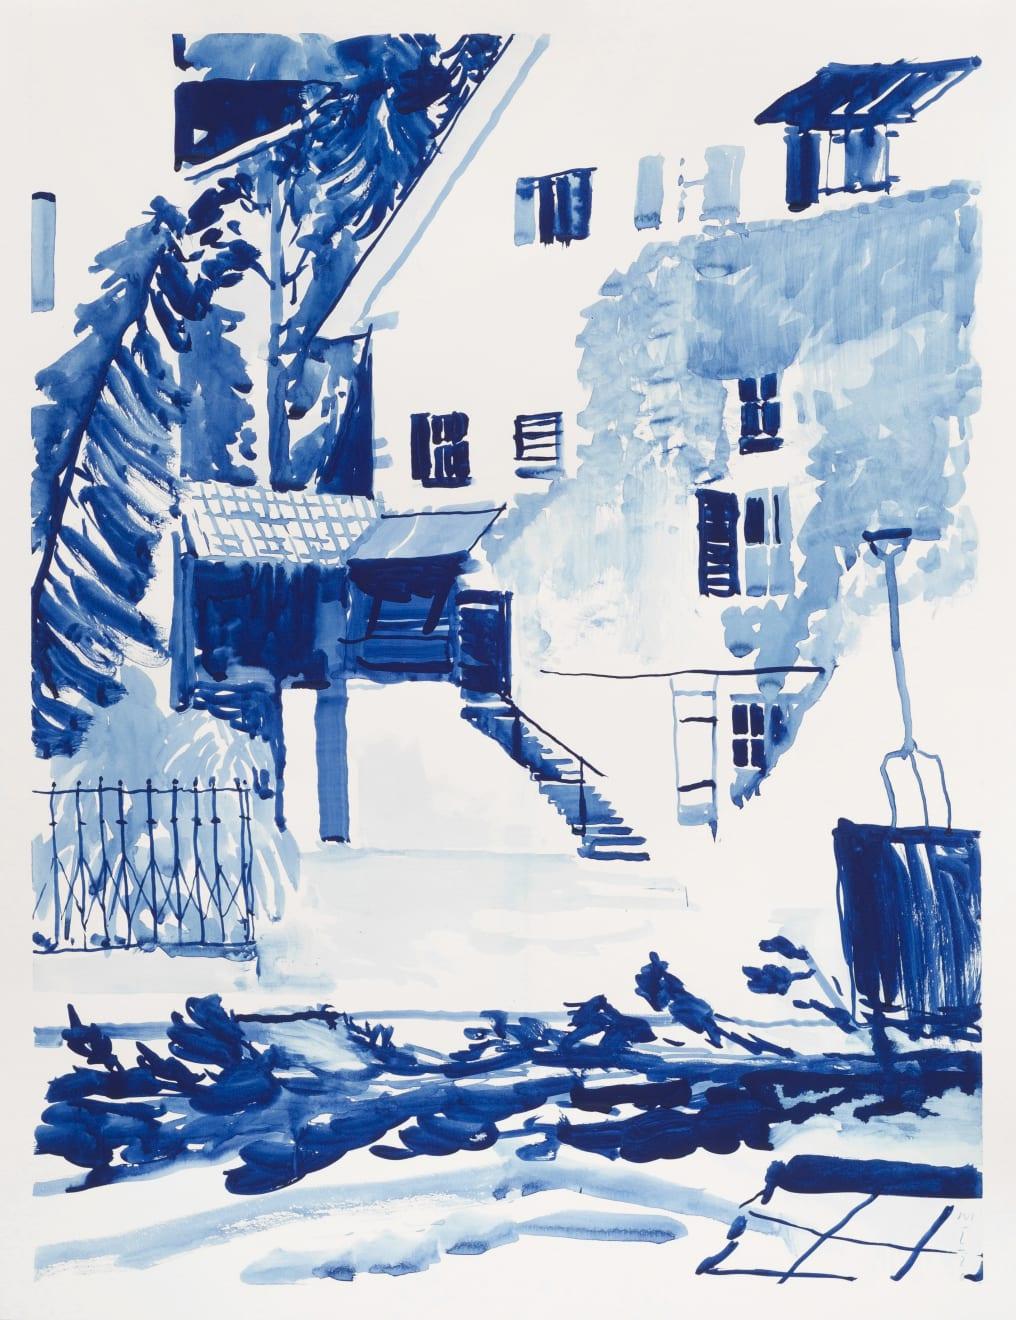 Michael Taylor The Gardener's Revenge Gouache on Paper Original 65 x 50 cm $3000 £1500